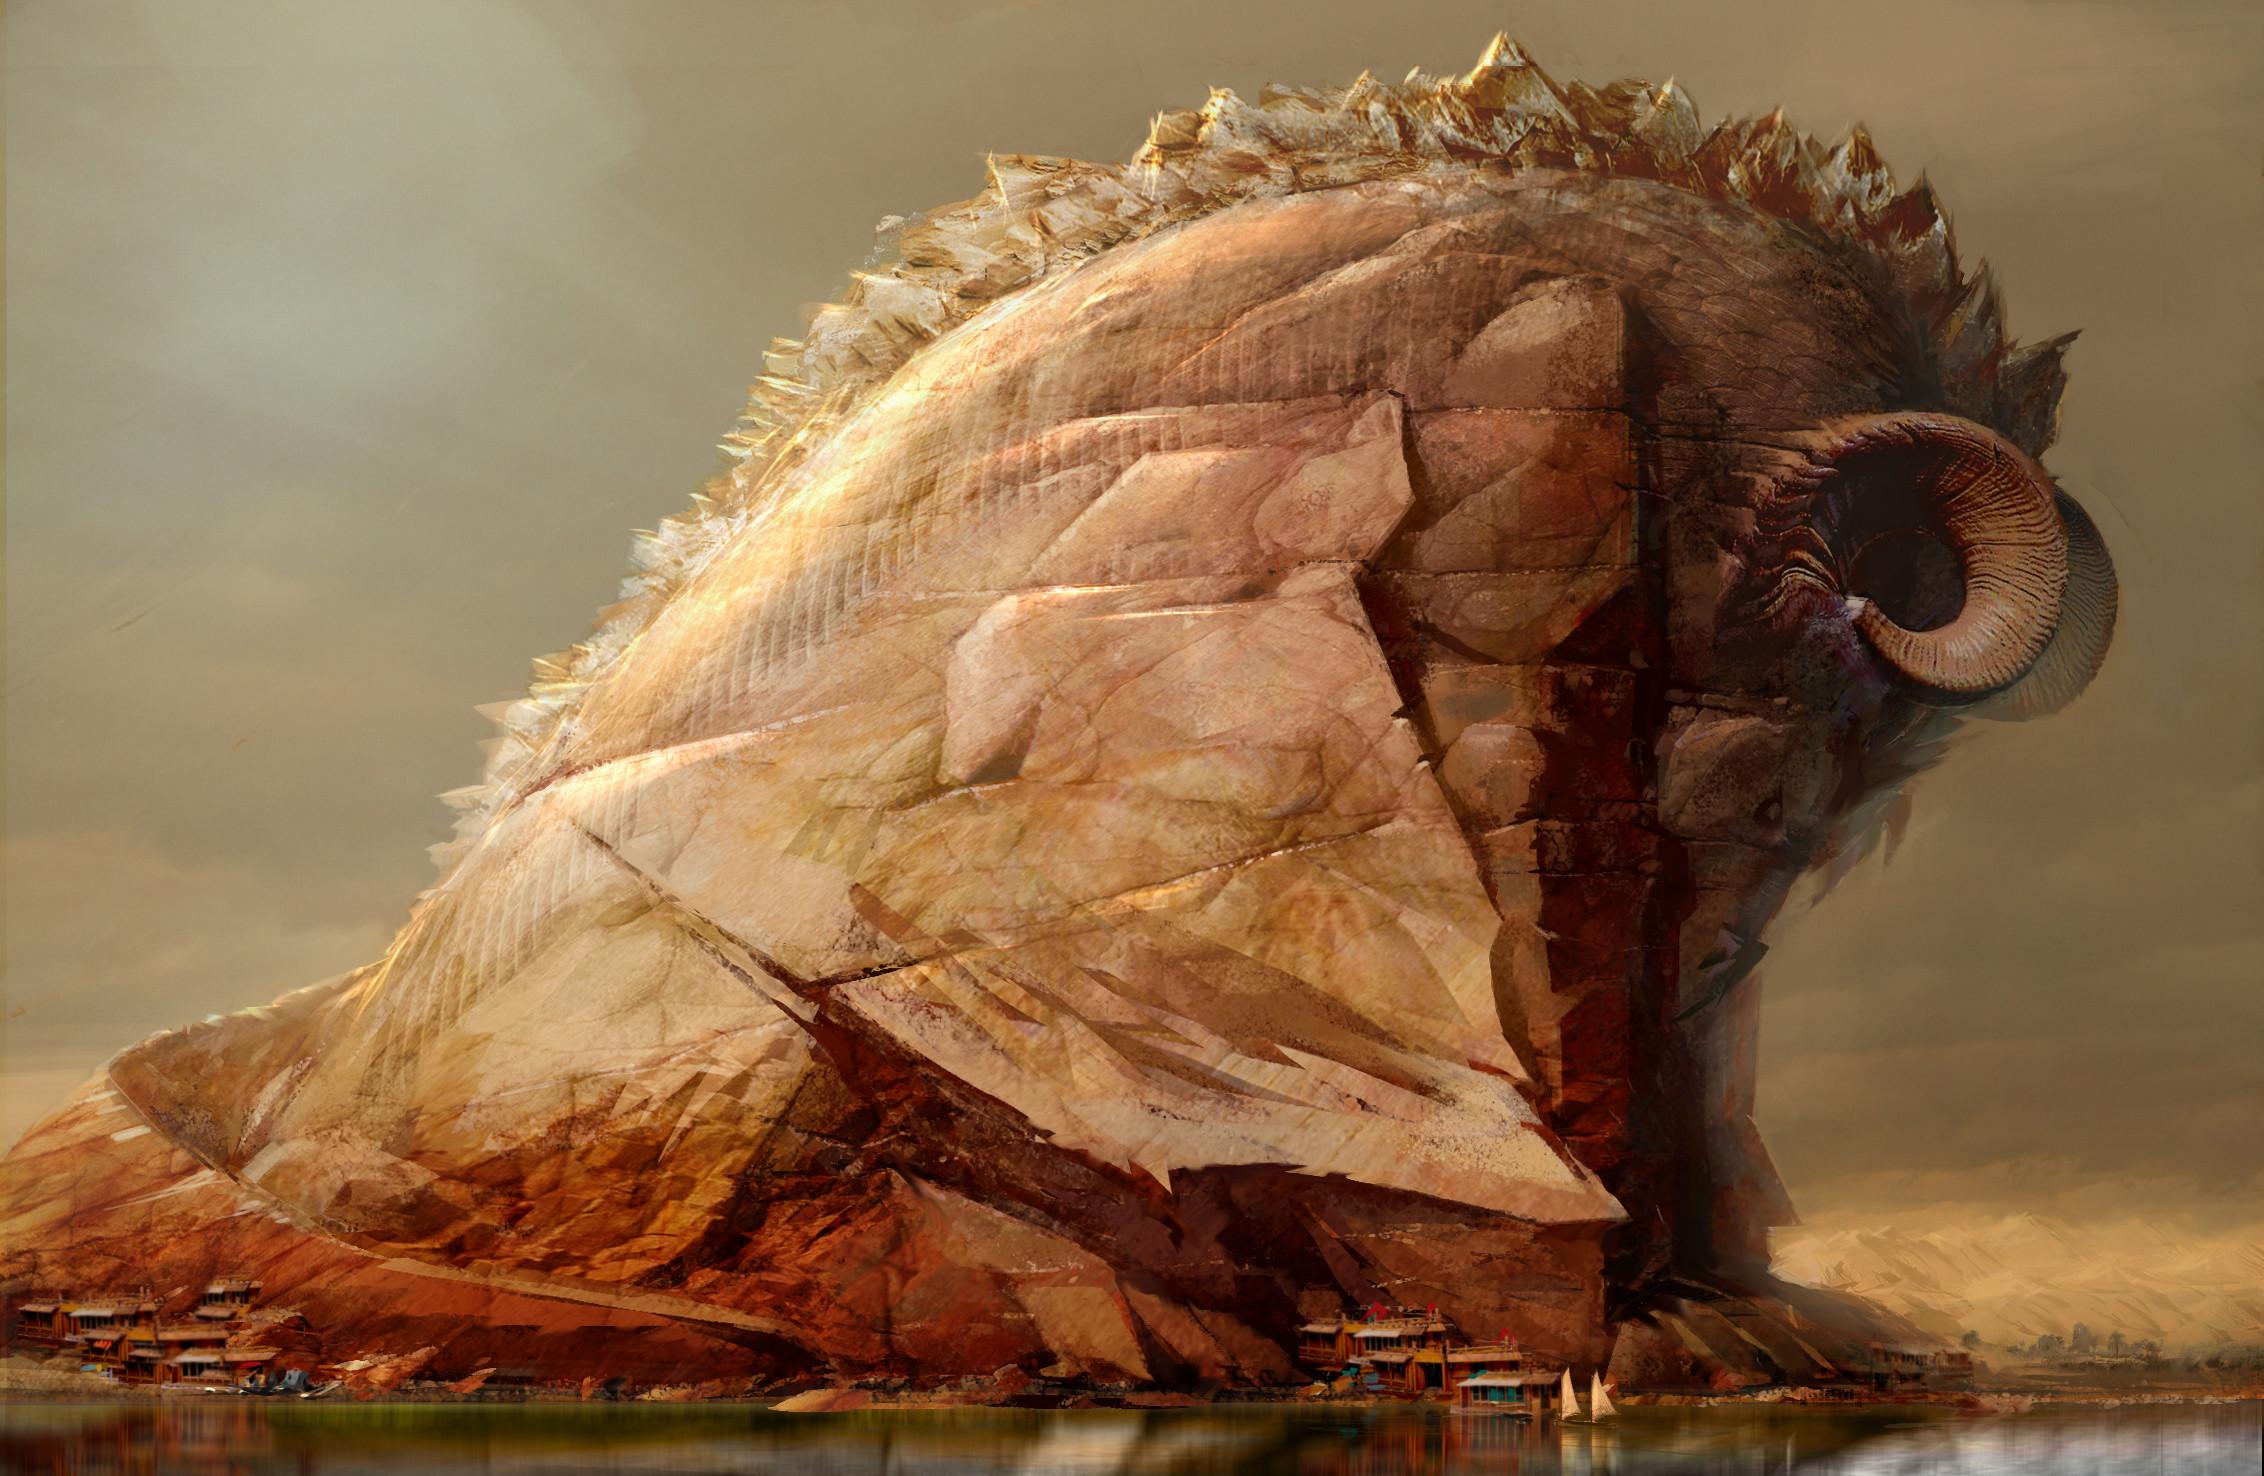 Early Concept of a sleeping Elder Dragon